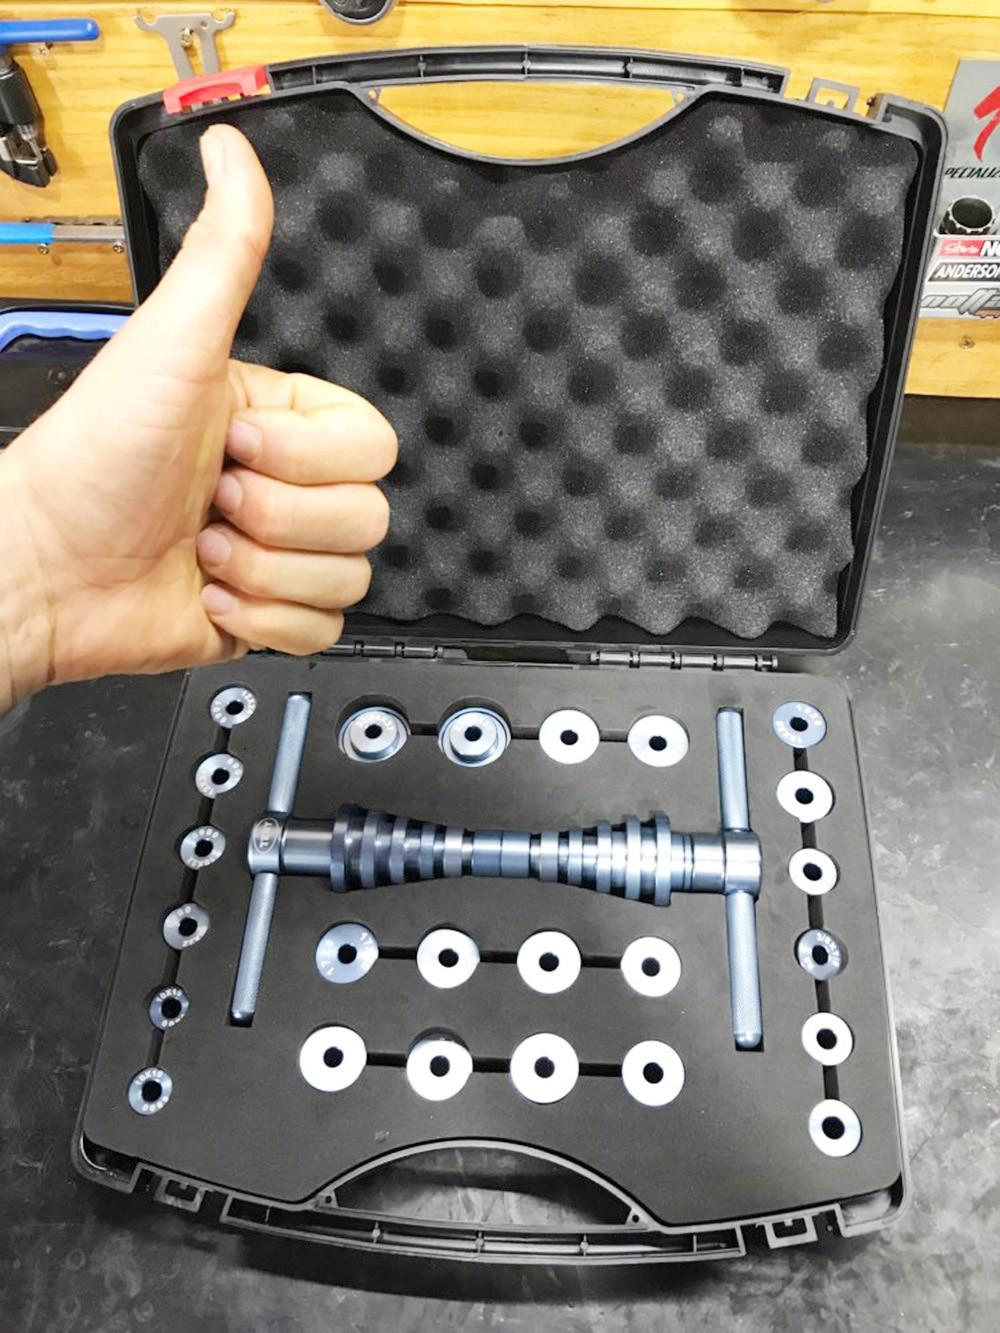 Bicicleta suporte inferior hub da bicicleta bb eixo rolamento remoção imprensa kit de ferramentas instalação conjunto mão